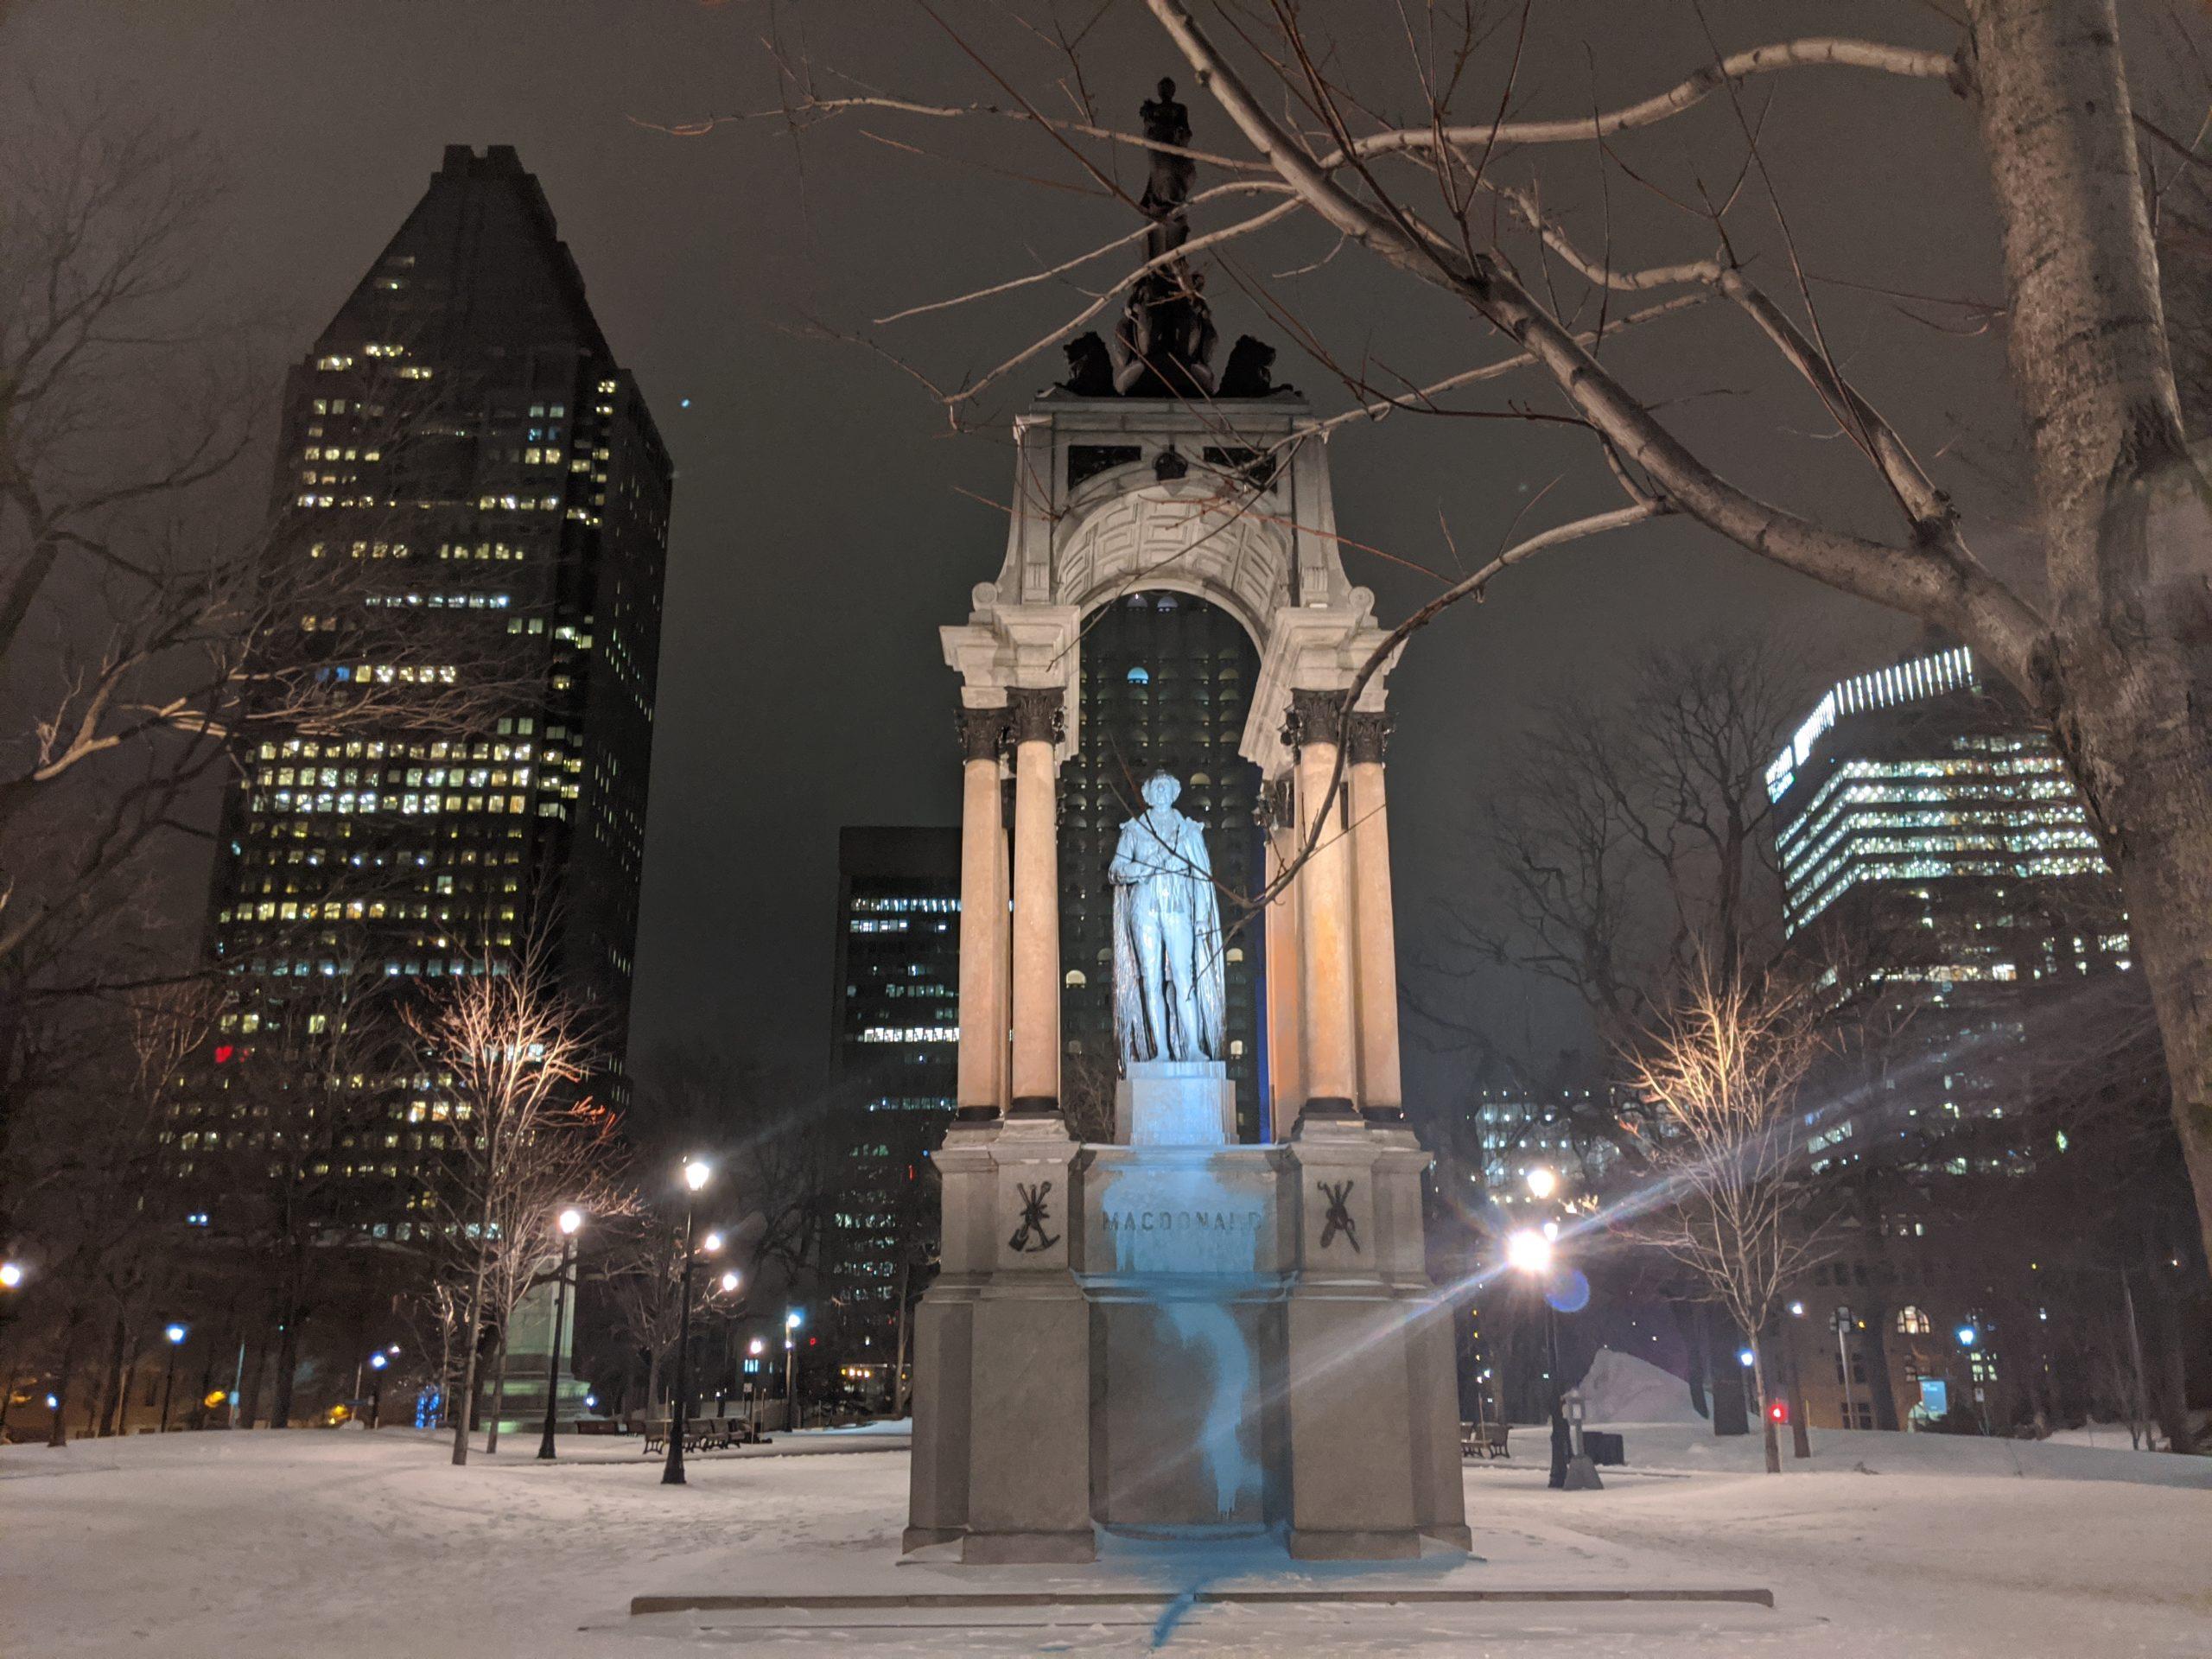 Le monument de Macdonald vandalisé avec de la peinture en solidarité avec les défenseur.e.s des terres autochtones qui luttent contre les pipelines